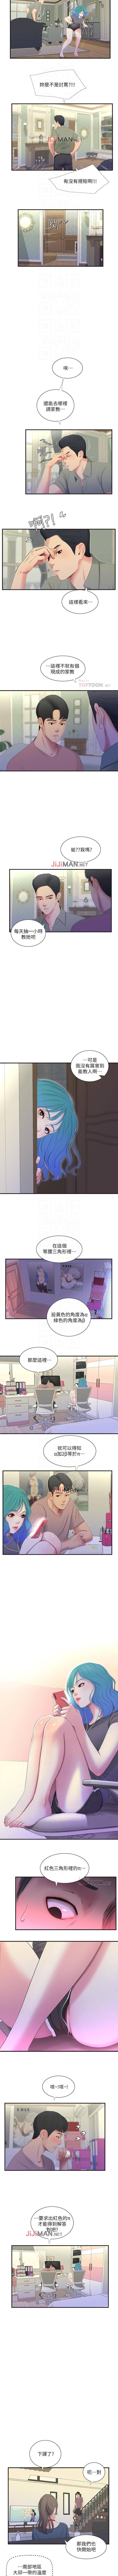 【周四连载】亲家四姐妹(作者:愛摸) 第1~27话 95